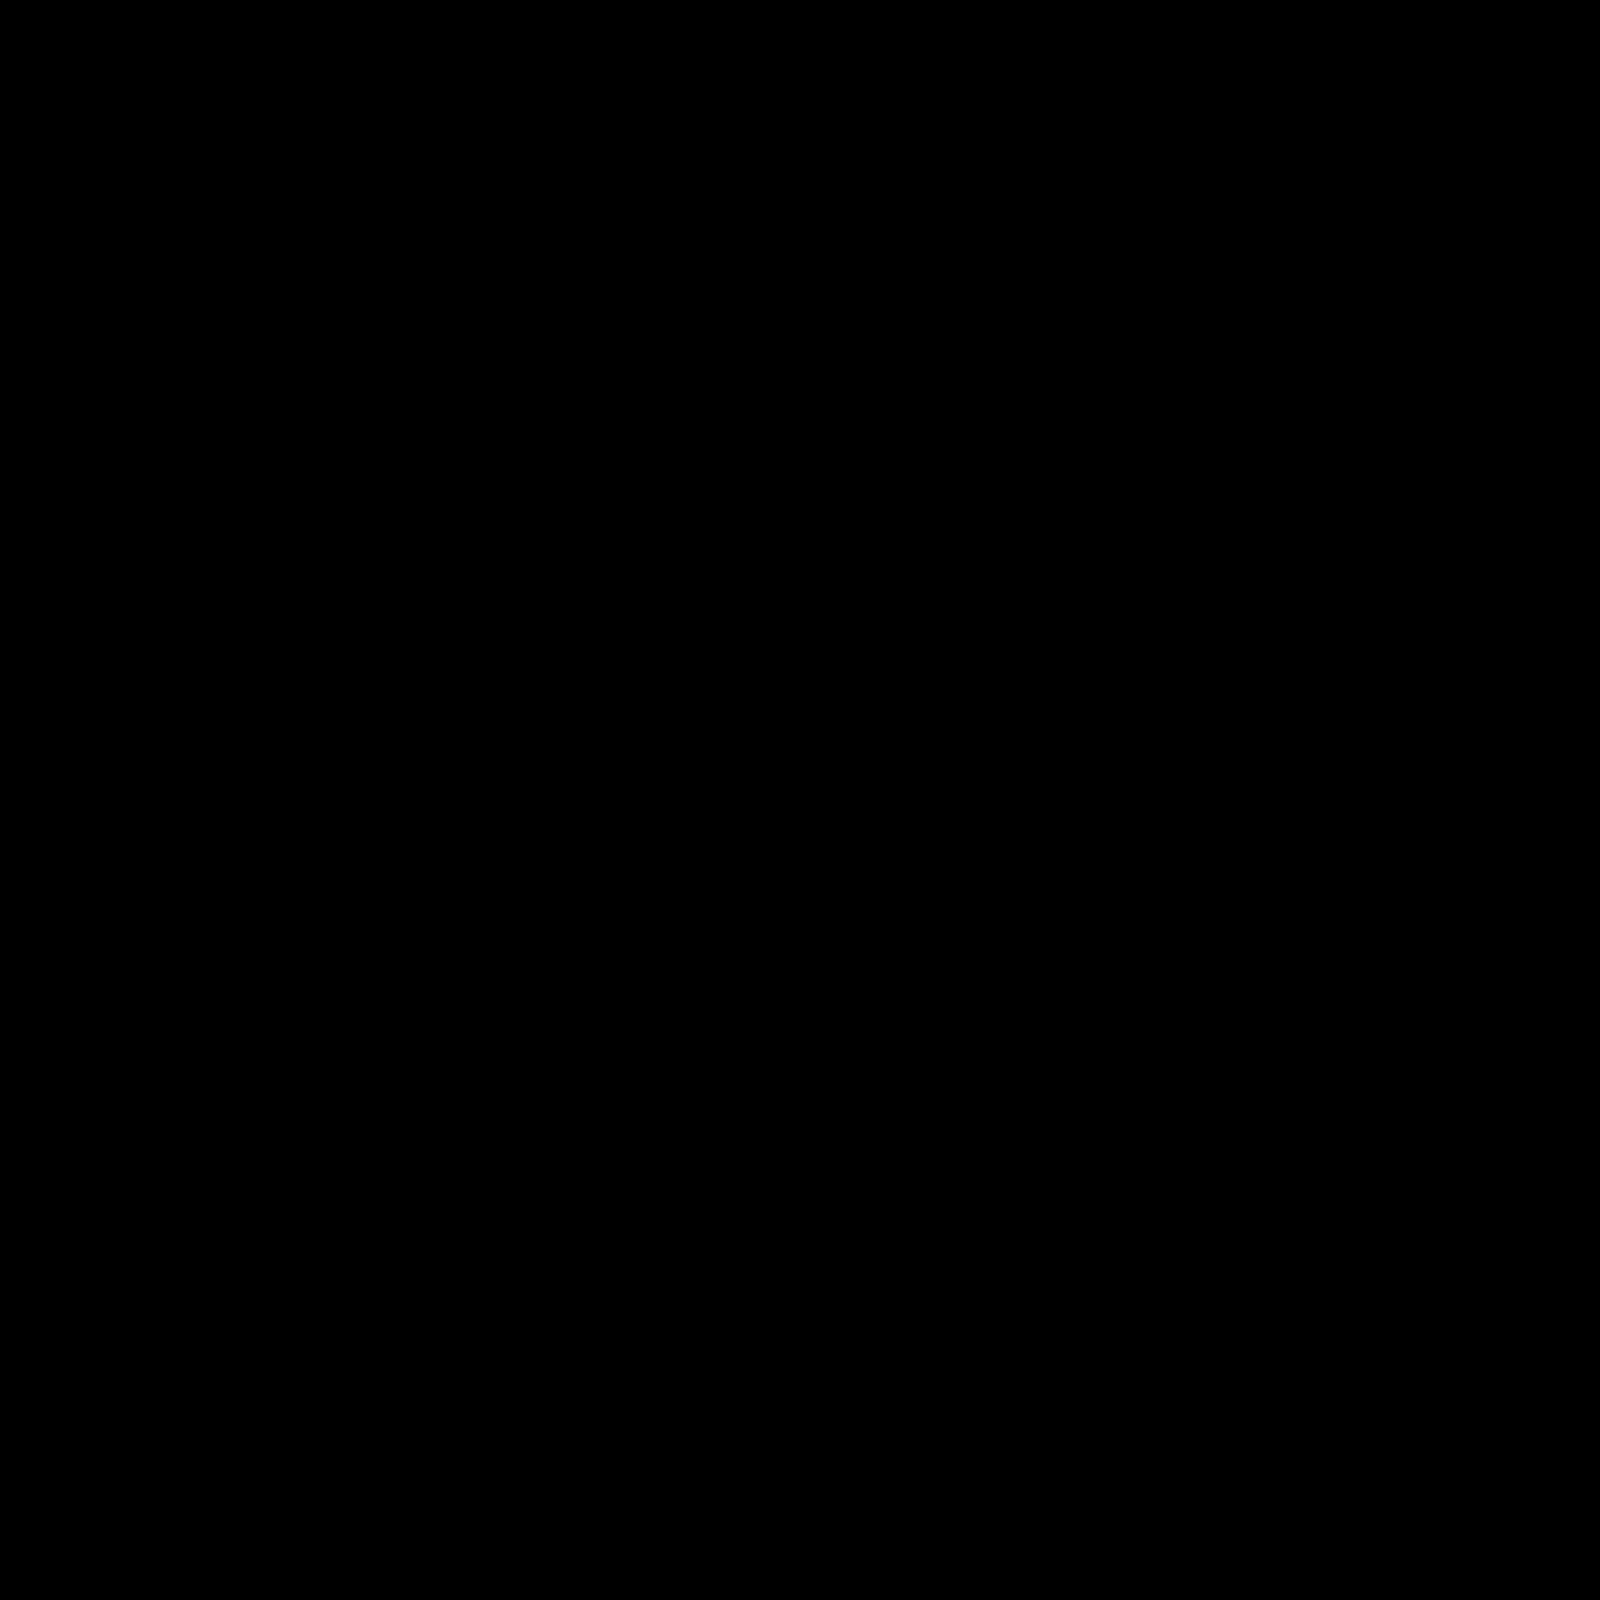 images/link_logo.png